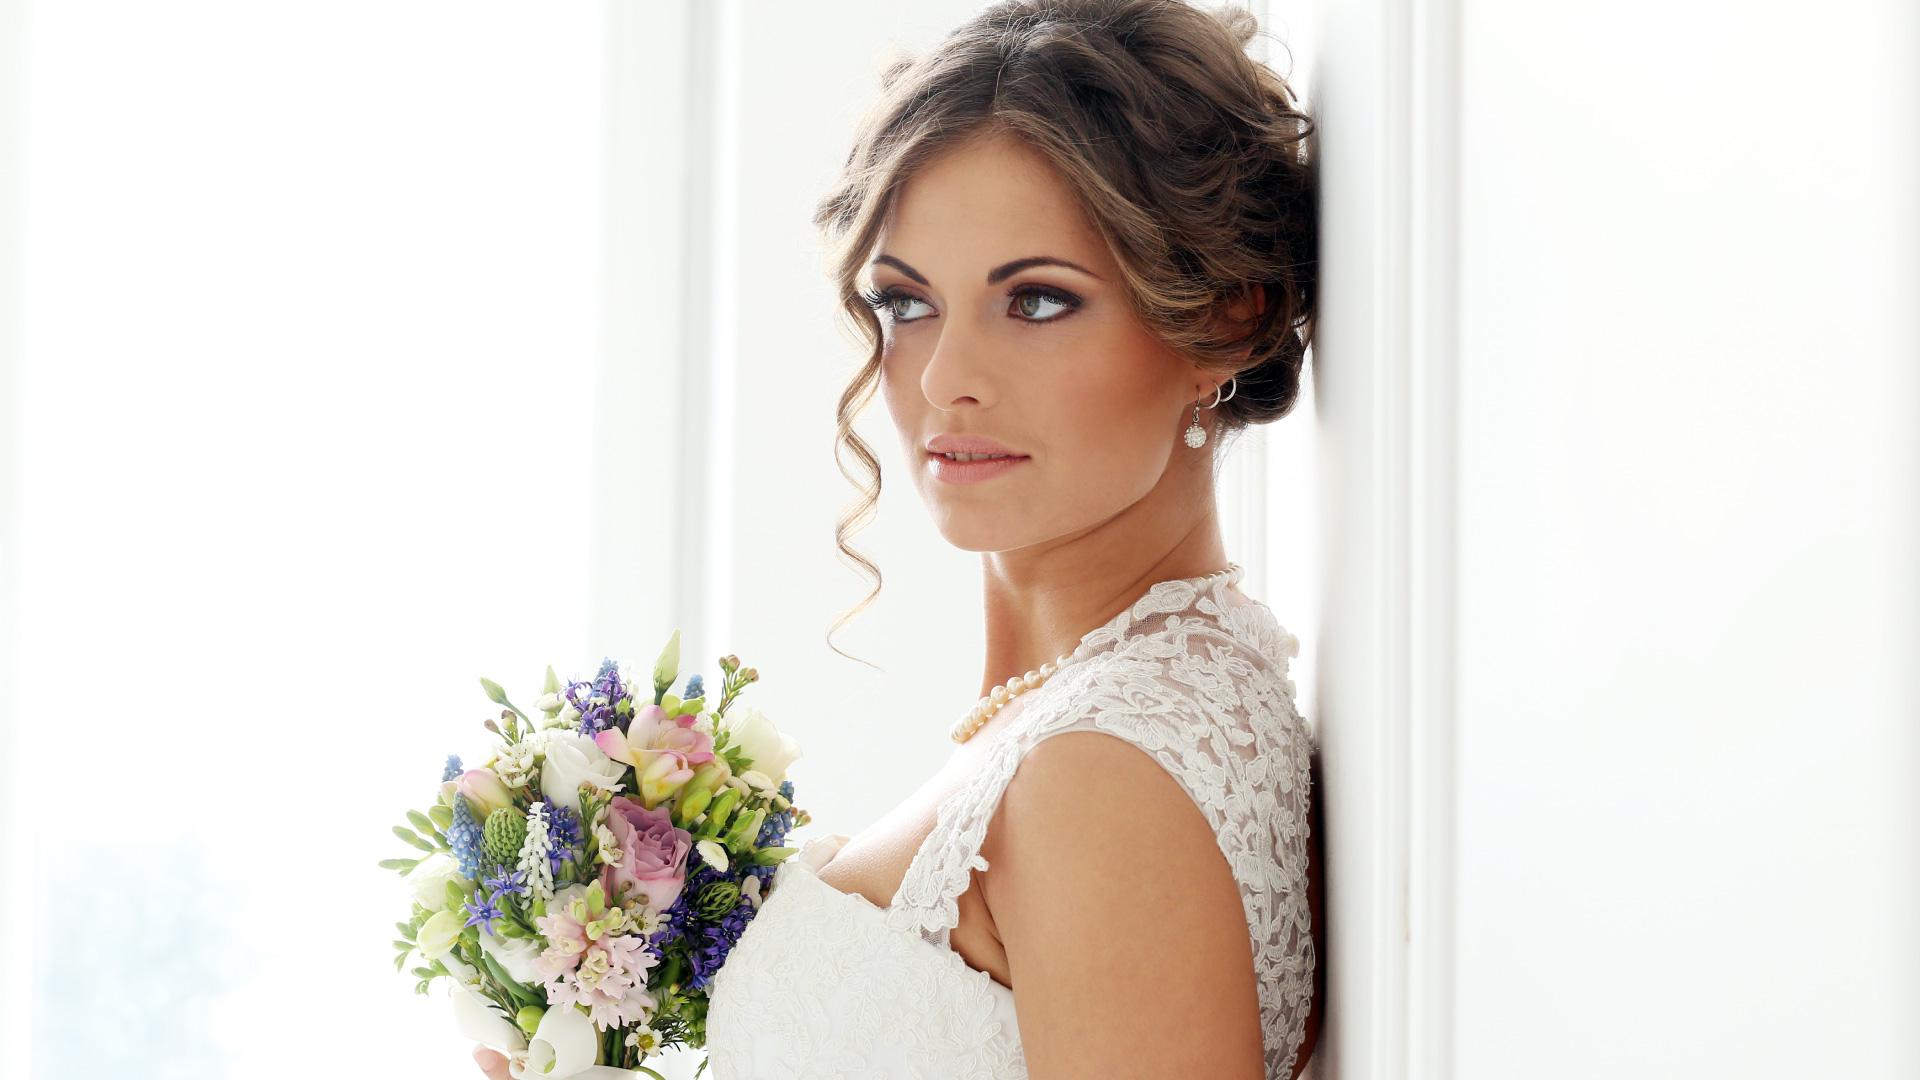 bride-1920x1080-B